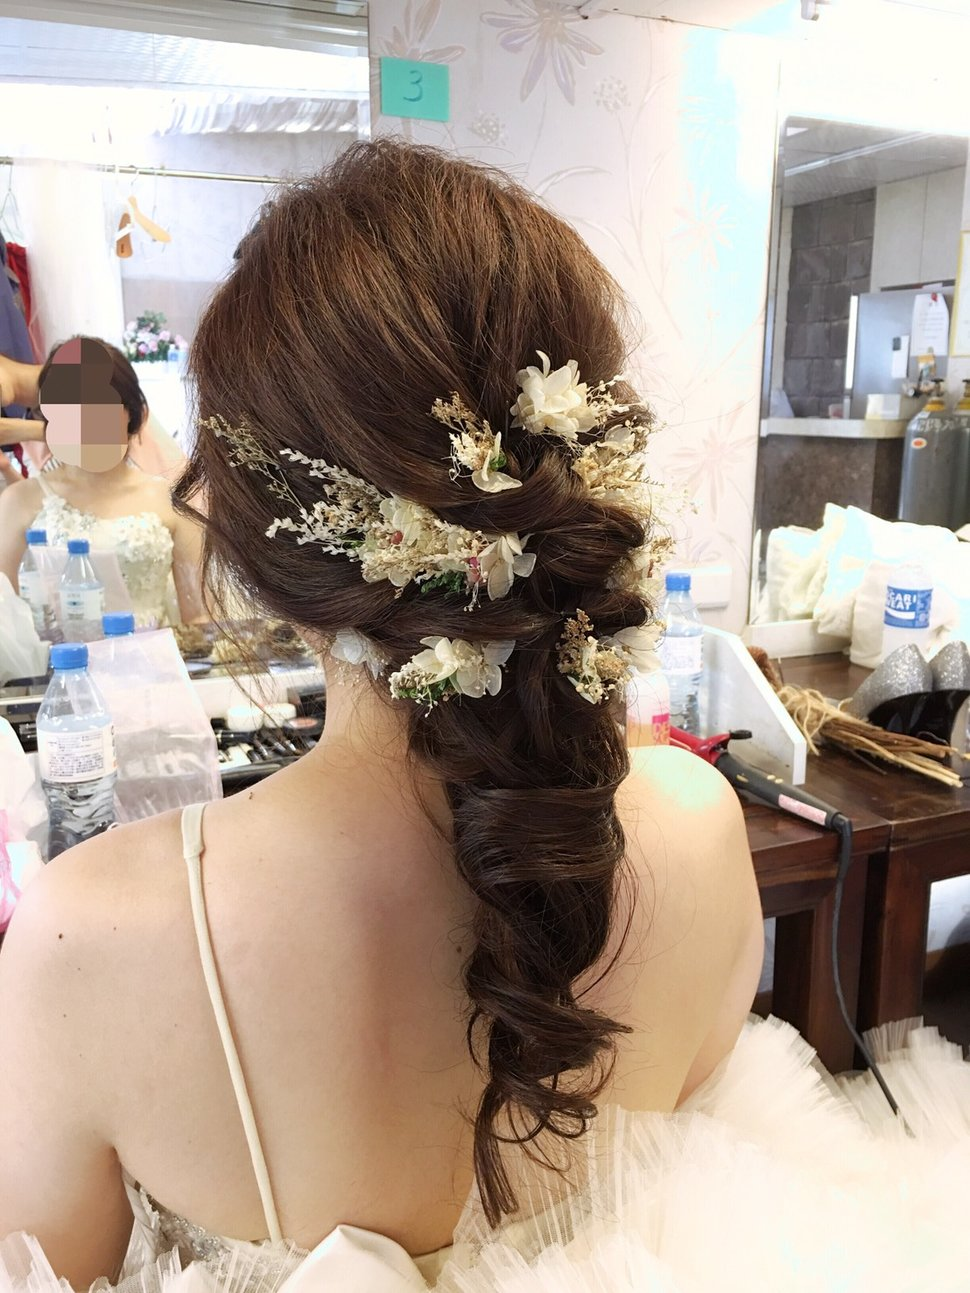 【工事-臻。】好喜翻!!(編號:429033) - 整體造形師-瑩榛 春之嫁衣 - 結婚吧